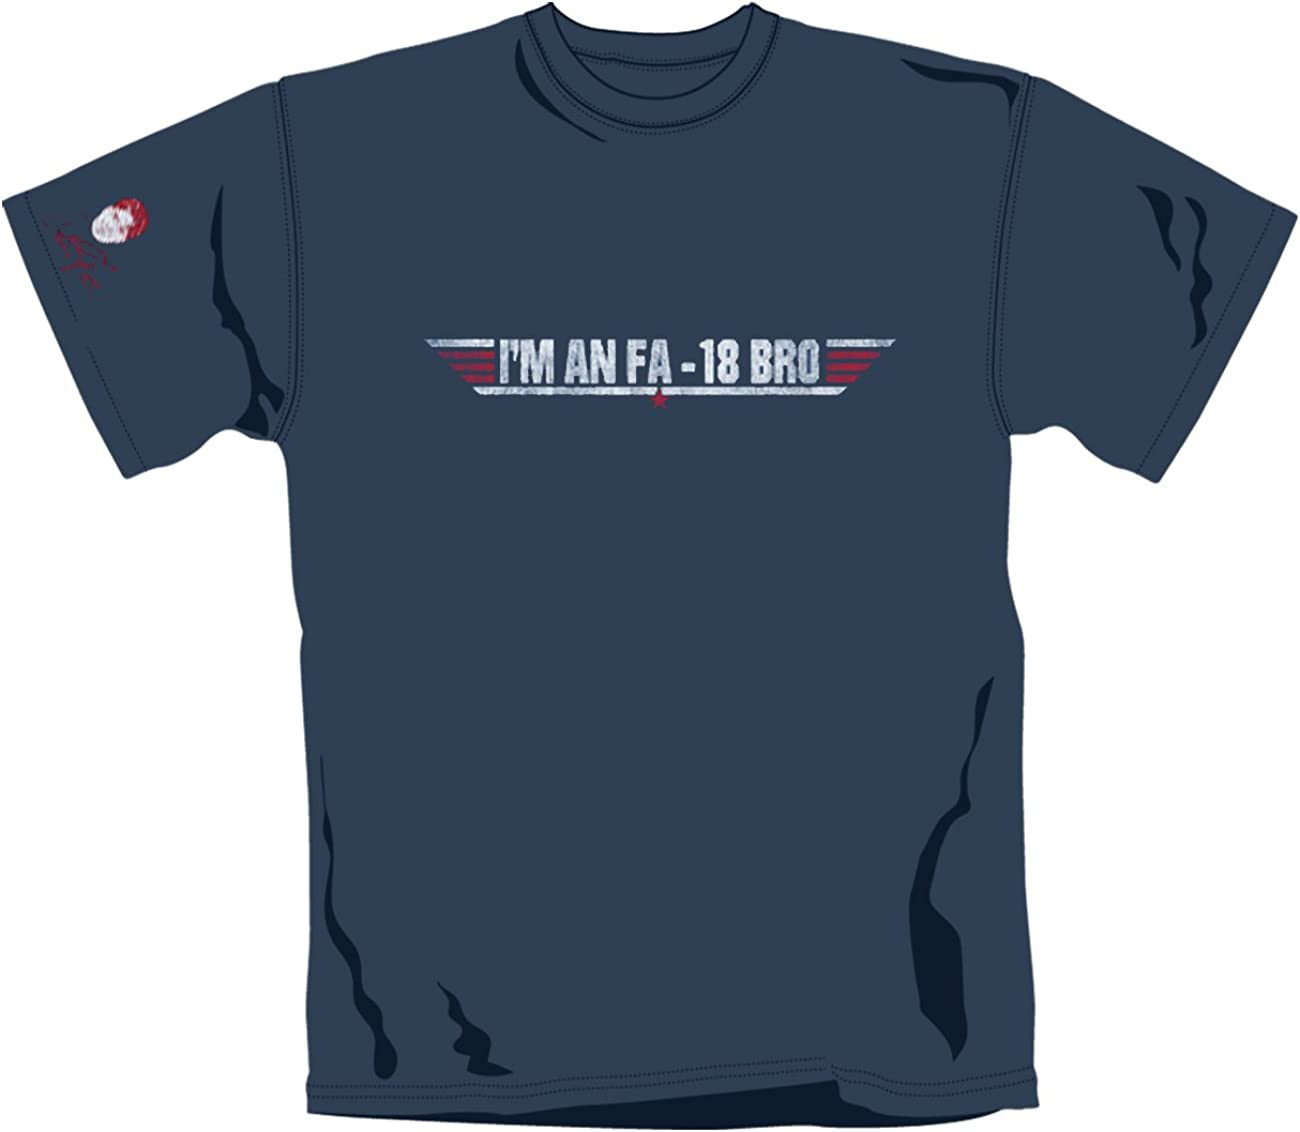 Loudclothing Charlie Sheen – I m an FA Camiseta de Color 58/60: Amazon.es: Ropa y accesorios